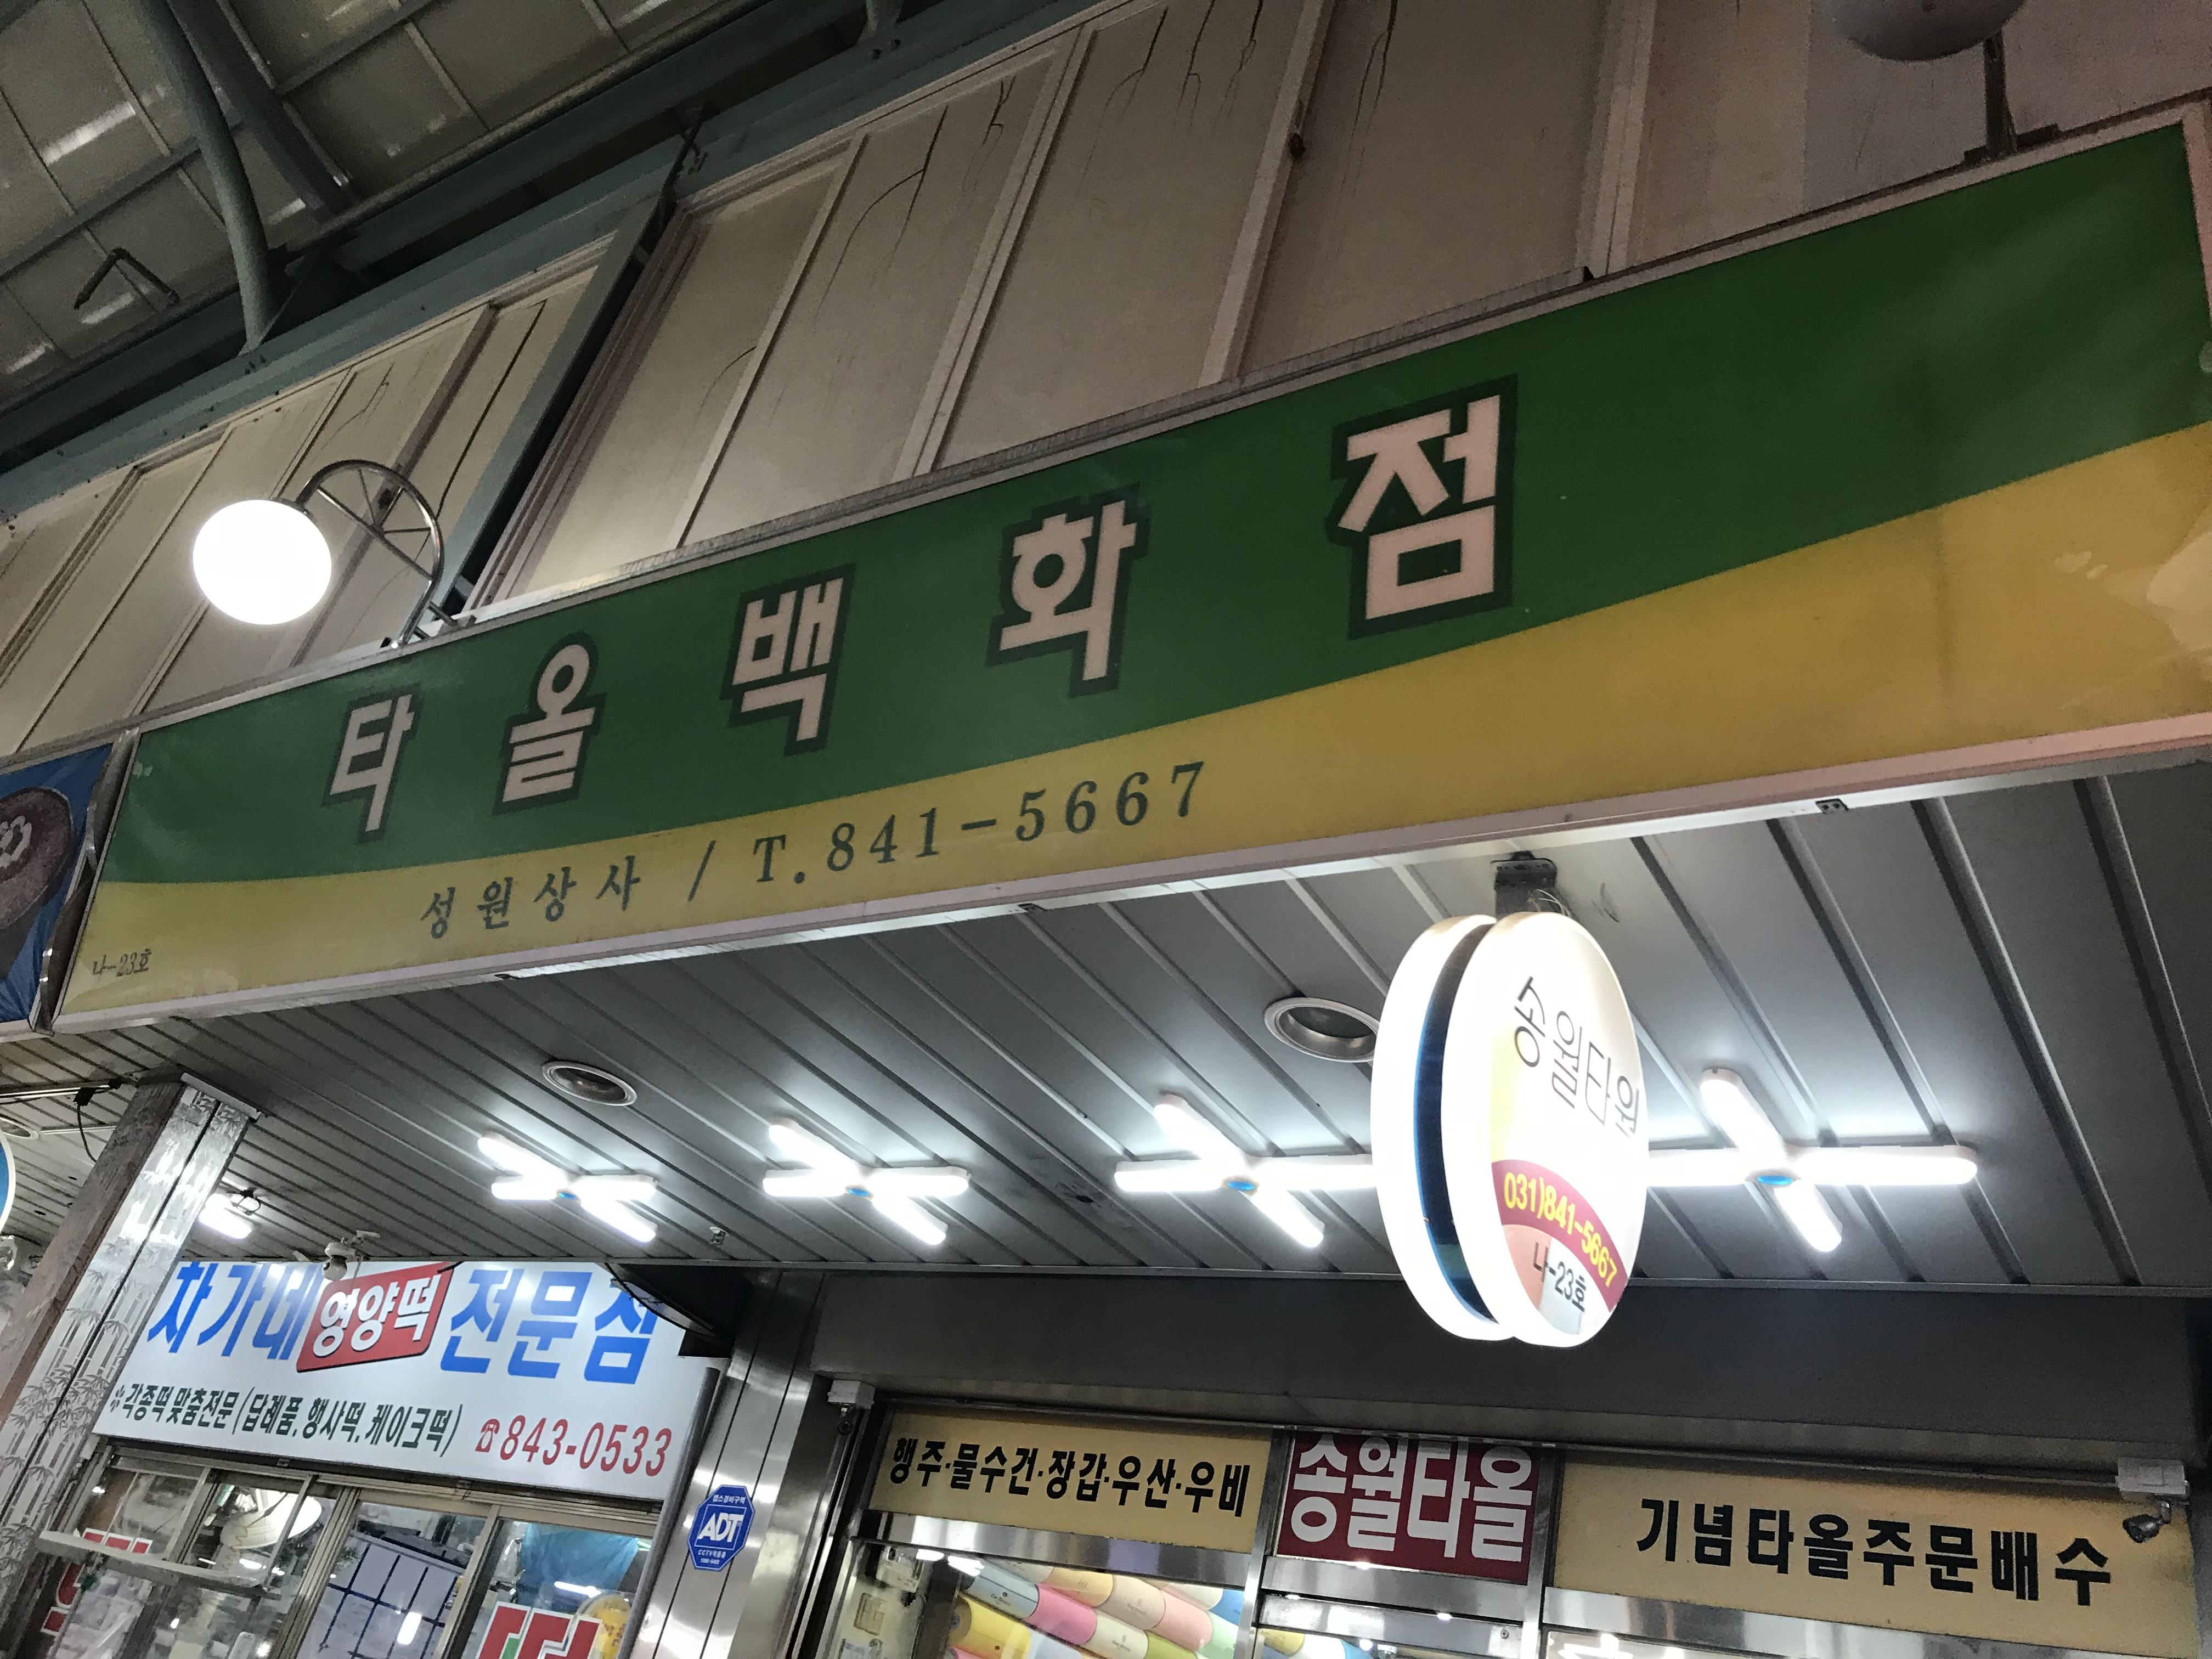 (강릉시 옥천동) 타올백화점의 전화번호 후기 및 약도4